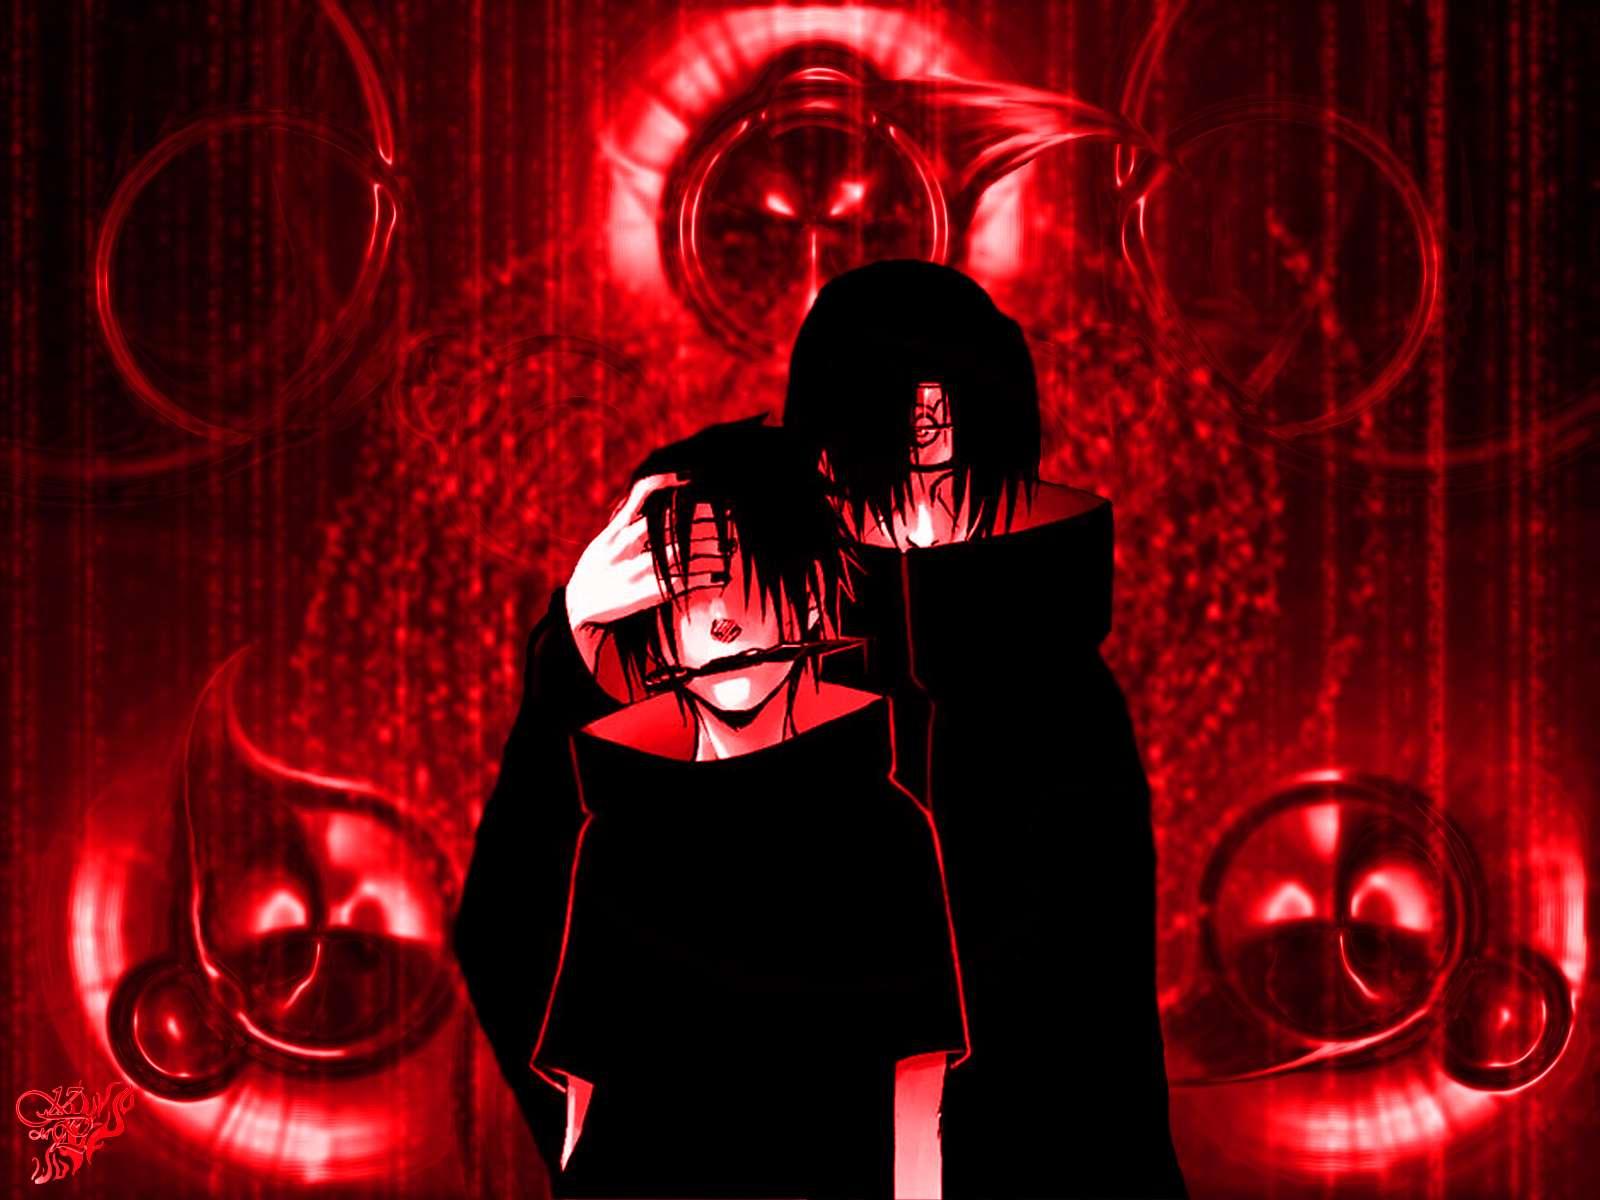 http://1.bp.blogspot.com/-0D2OOmWC8f0/TfzvR-m1vxI/AAAAAAAACpg/u9A8V5LuAWo/s1600/anime-naruto-wallpaper-10.jpg